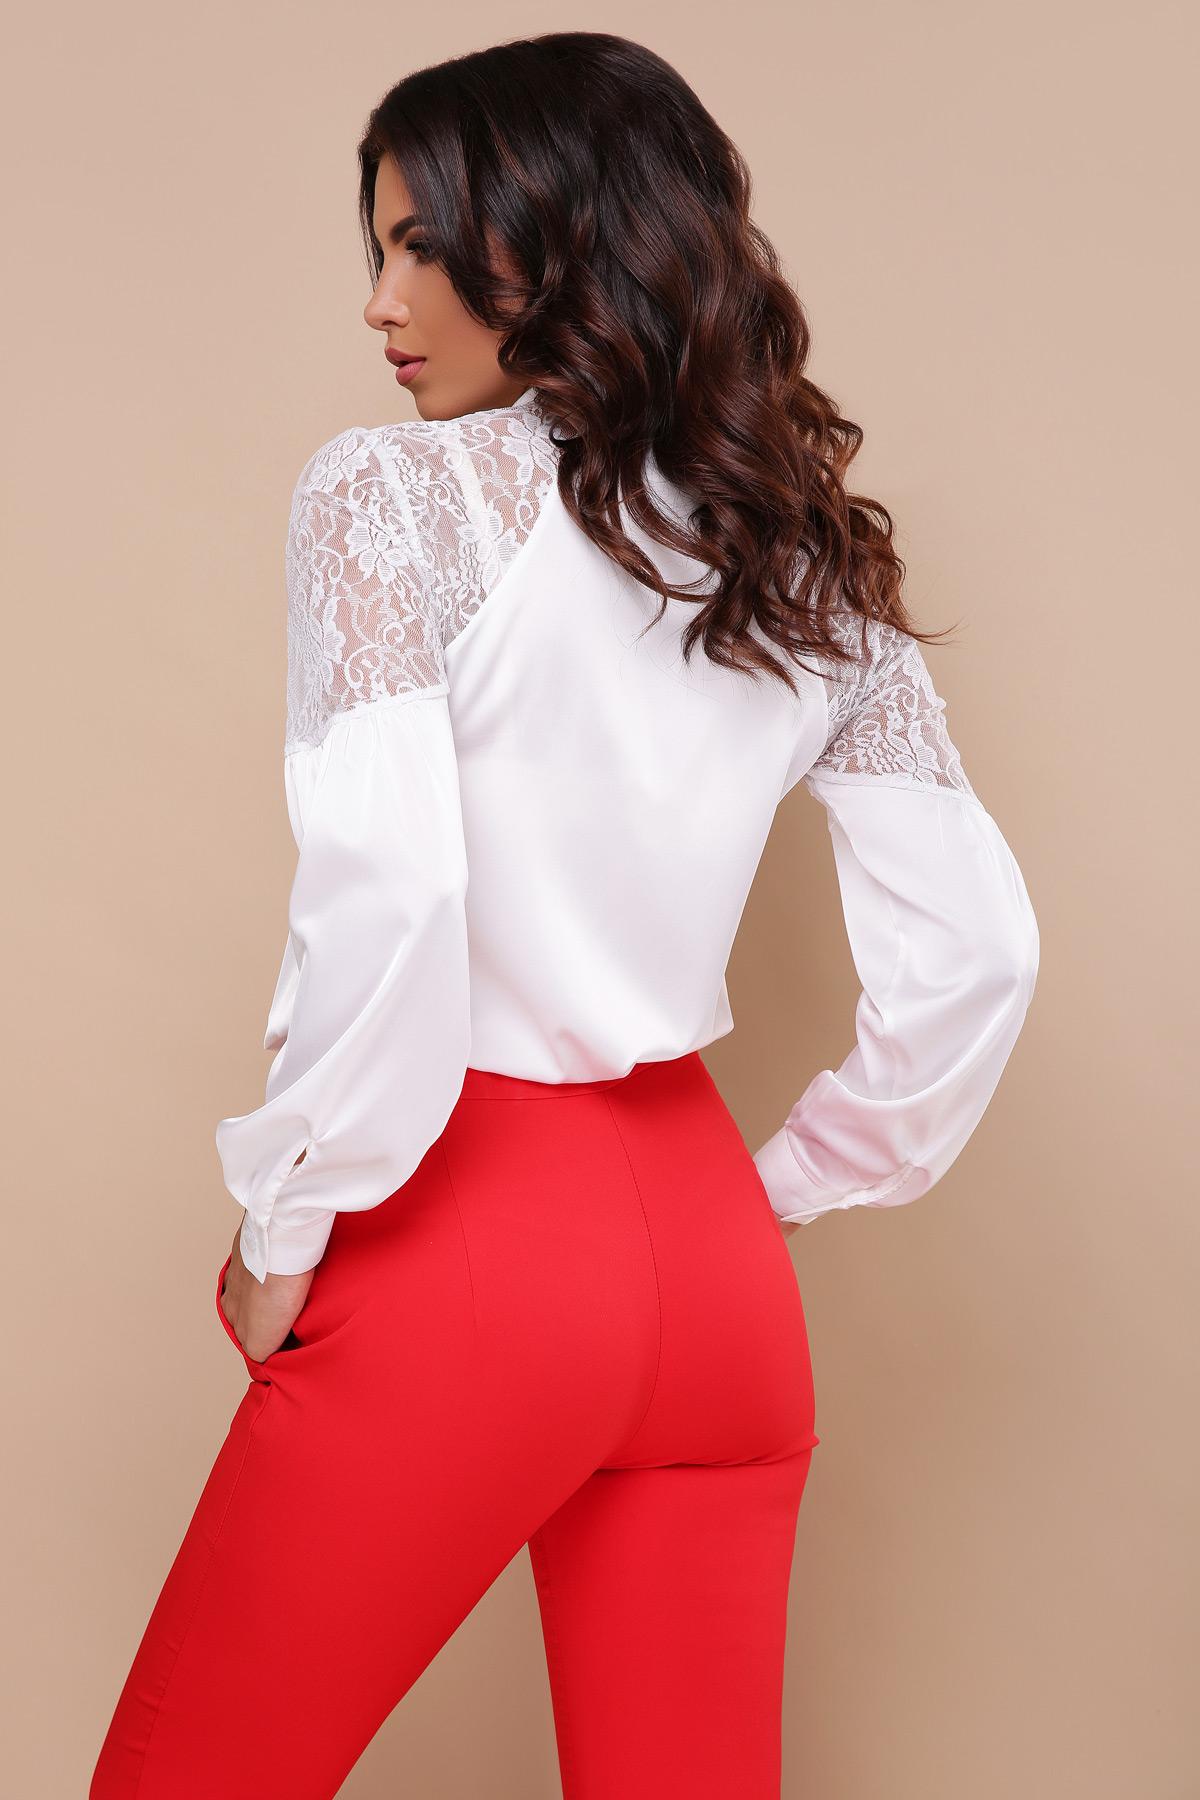 577013abf82 Цвет  белый купить  шелковая блузка с кружевом. блуза Анастейша д р. Цвет   белый цена